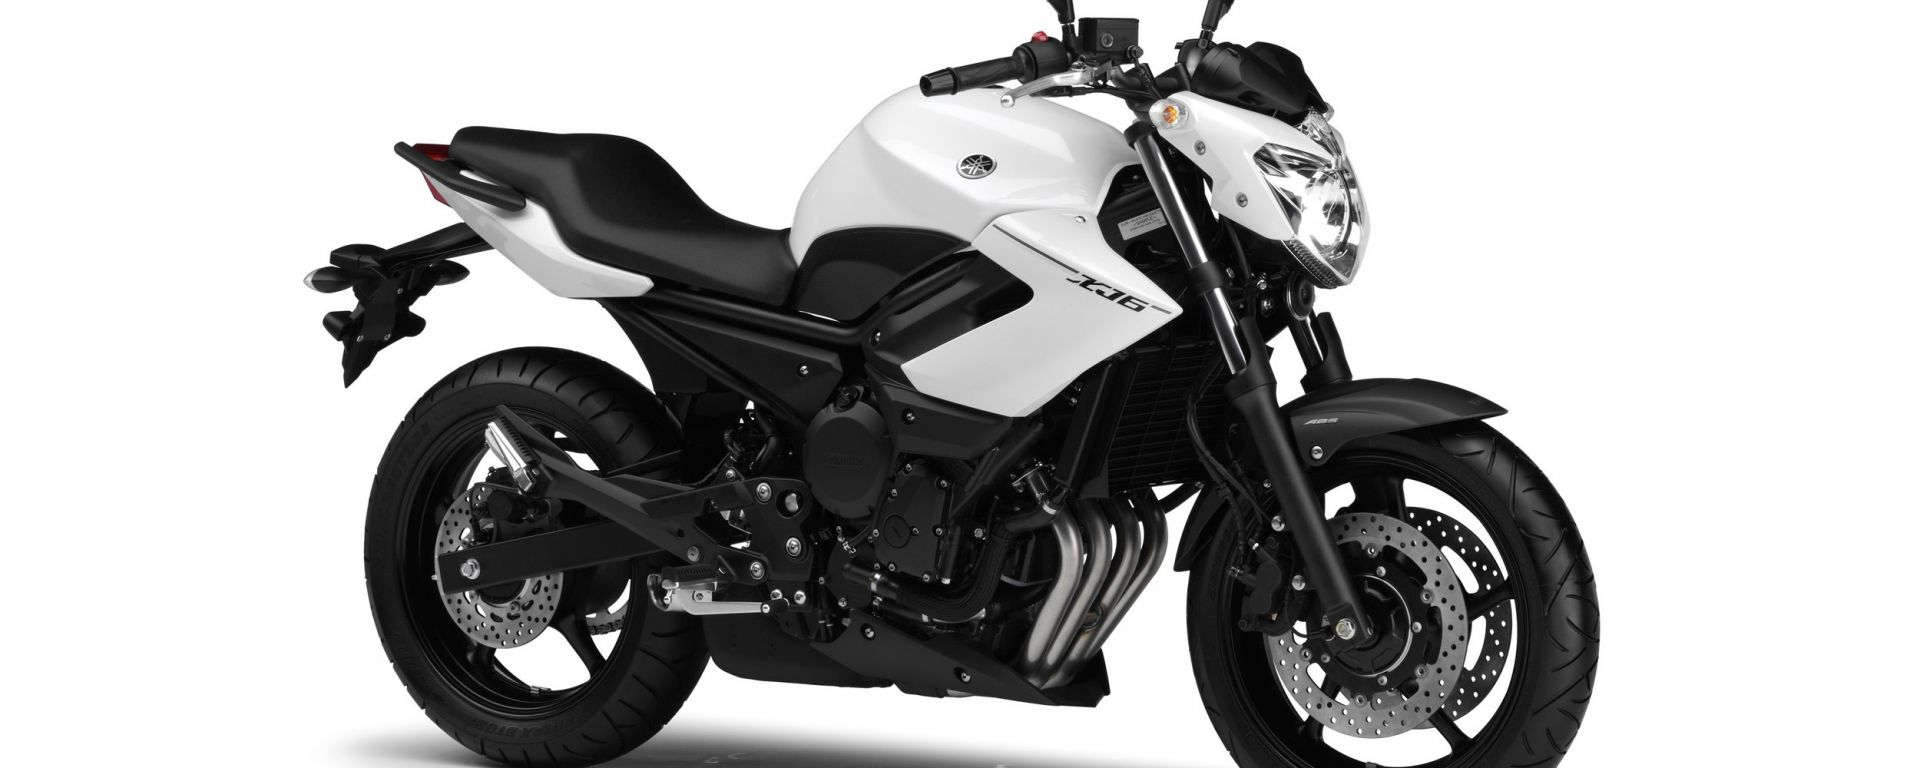 Yamaha XJ6 my 2013